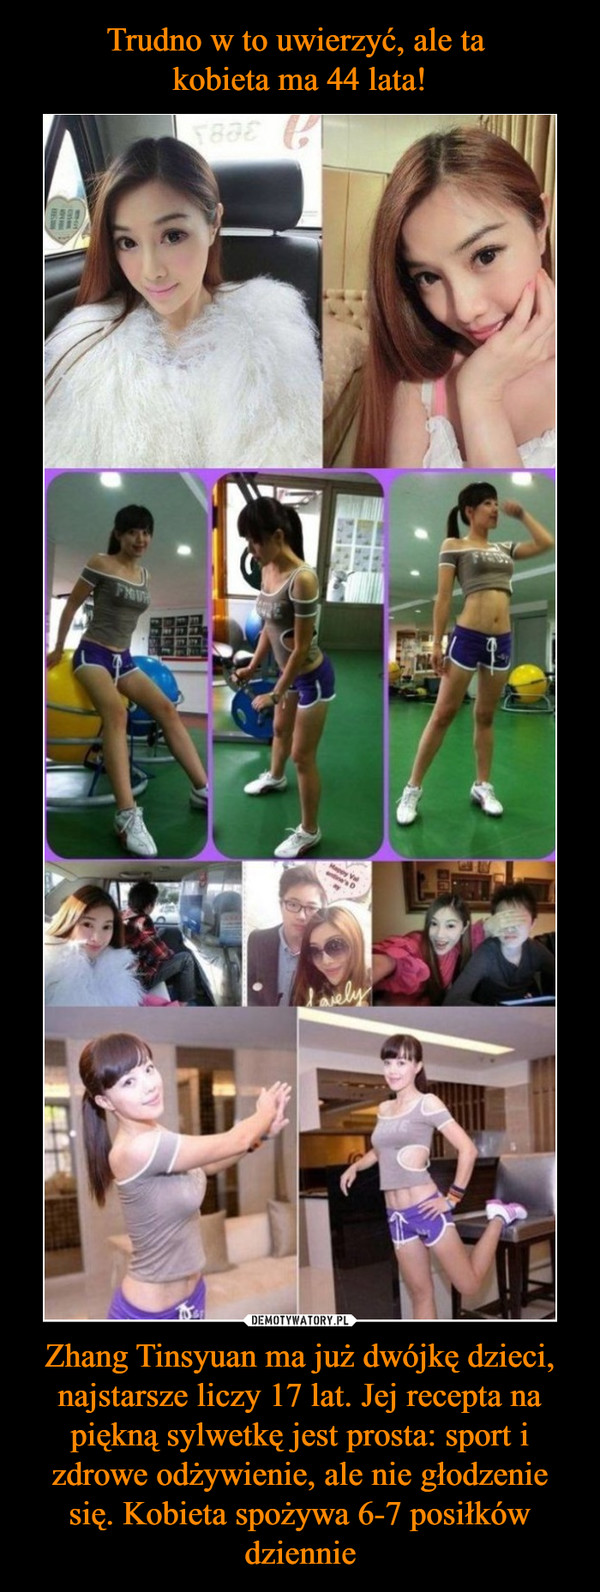 Zhang Tinsyuan ma już dwójkę dzieci, najstarsze liczy 17 lat. Jej recepta na piękną sylwetkę jest prosta: sport i zdrowe odżywienie, ale nie głodzenie się. Kobieta spożywa 6-7 posiłków dziennie –